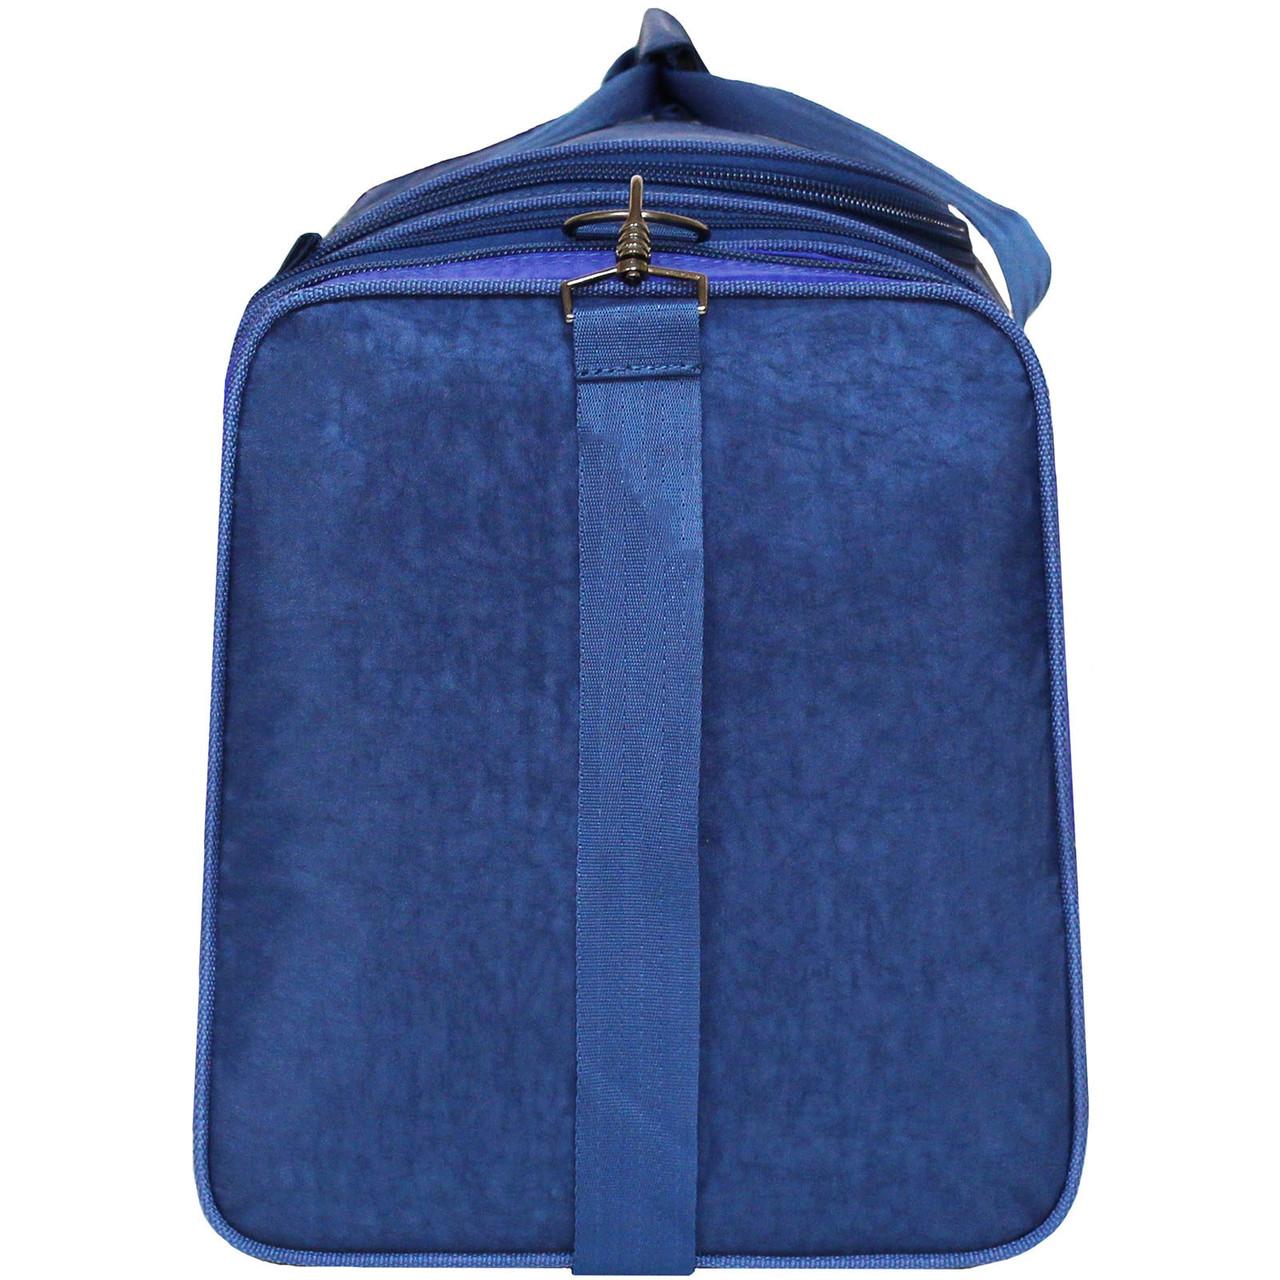 a9d1786a7e47 Спортивная сумка Bagland Мюнхен 59 л. Синий/электрик (0032570), фото 2 ...